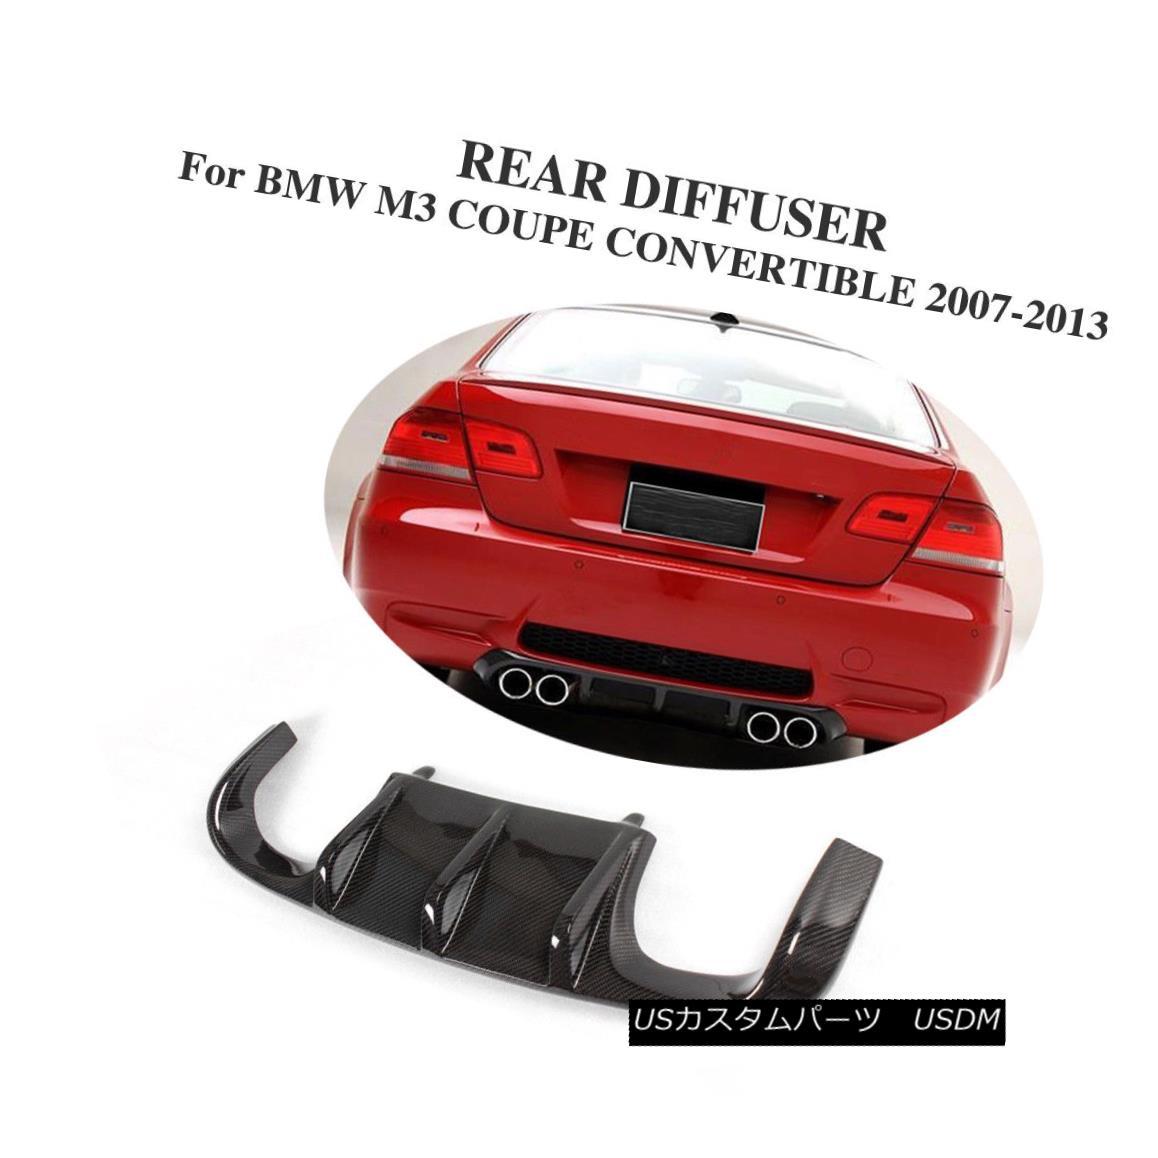 エアロパーツ Carbon Fiber Rear Bumper Diffuser Lower Lip Fit for BMW E92 M3 3 Series 07-13 カーボンファイバーリアバンパーディフューザーBMW E92 M3 3シリーズ用下リップフィット07-13